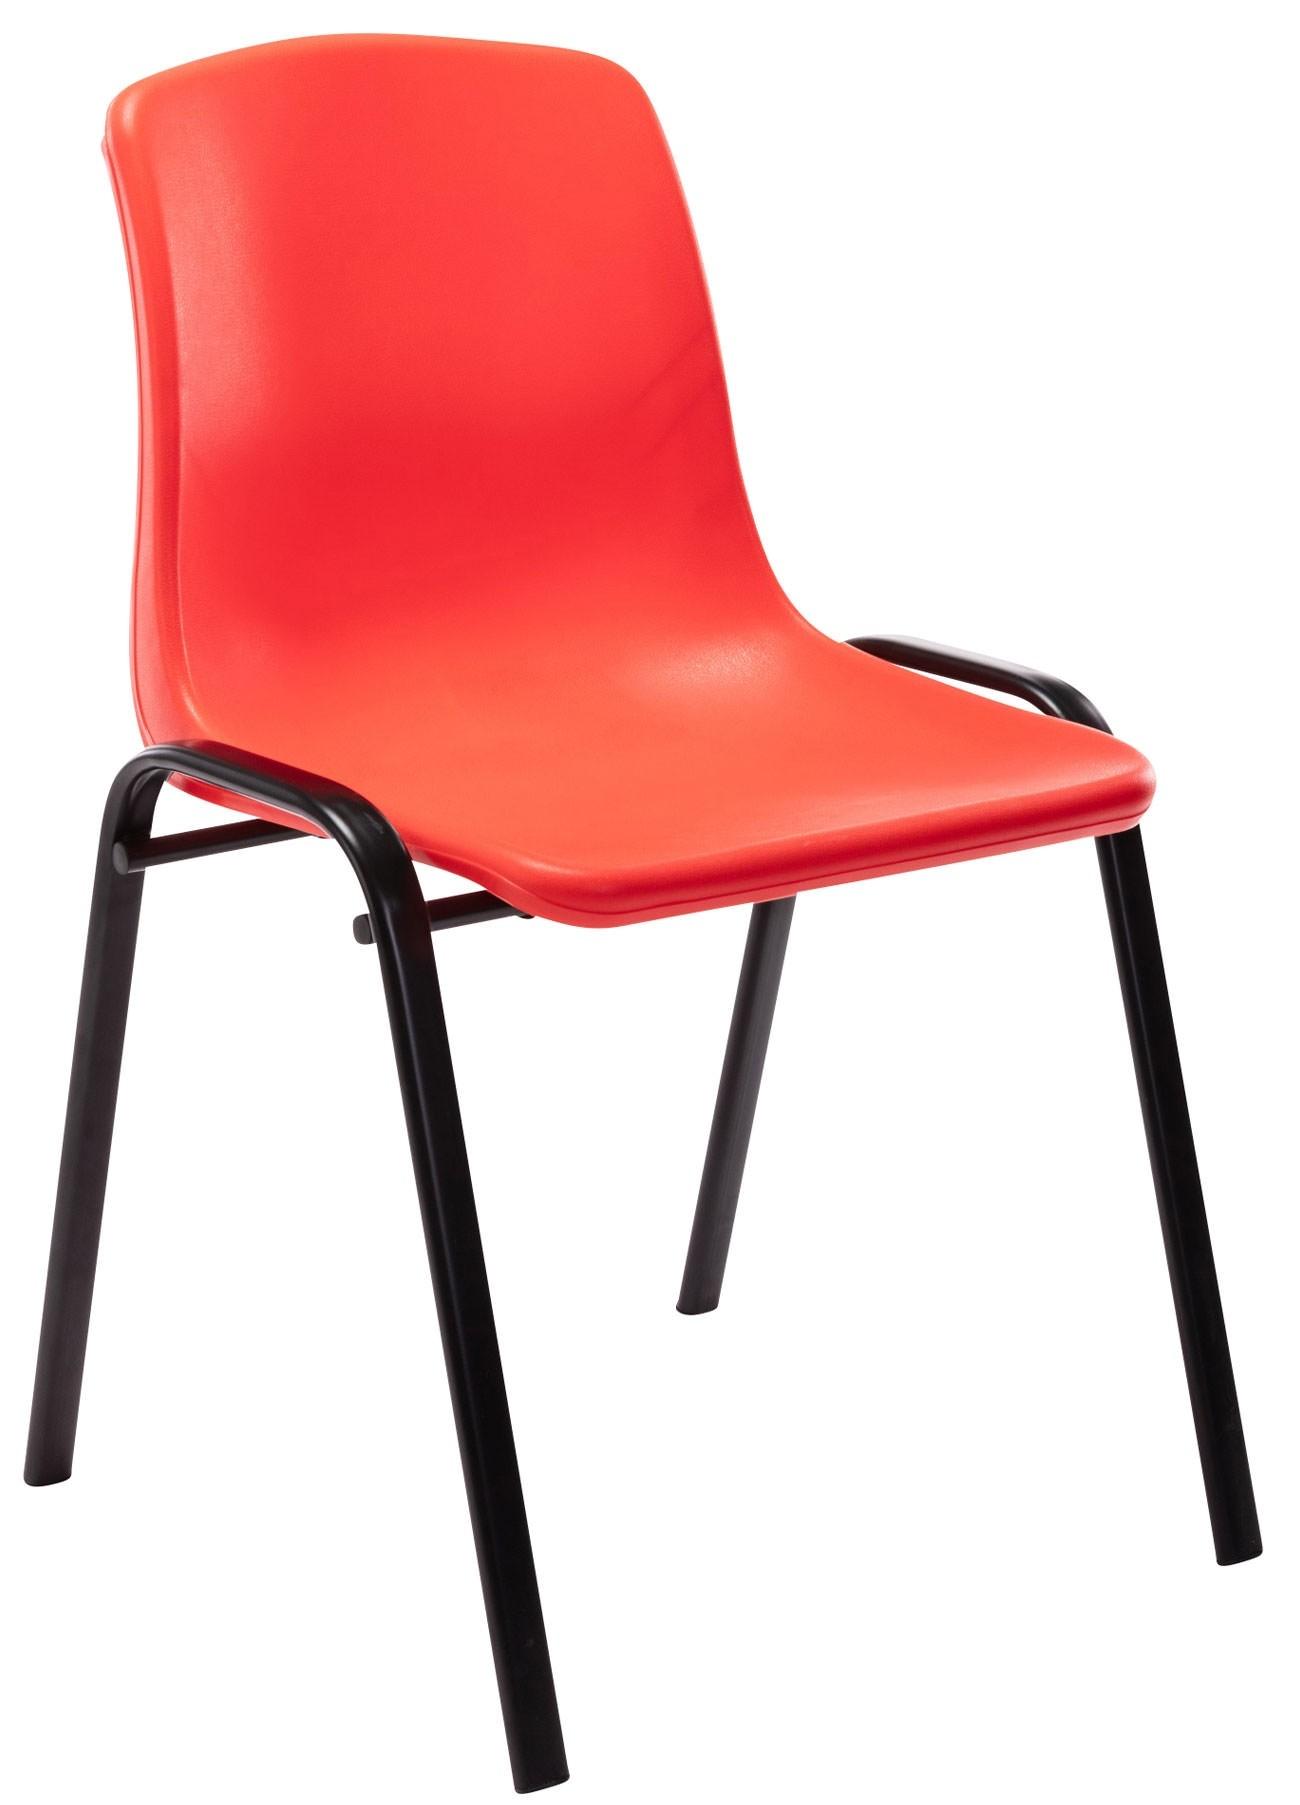 Chaise empilable Nowra avec assise en plastique et piètement en métal noir mat